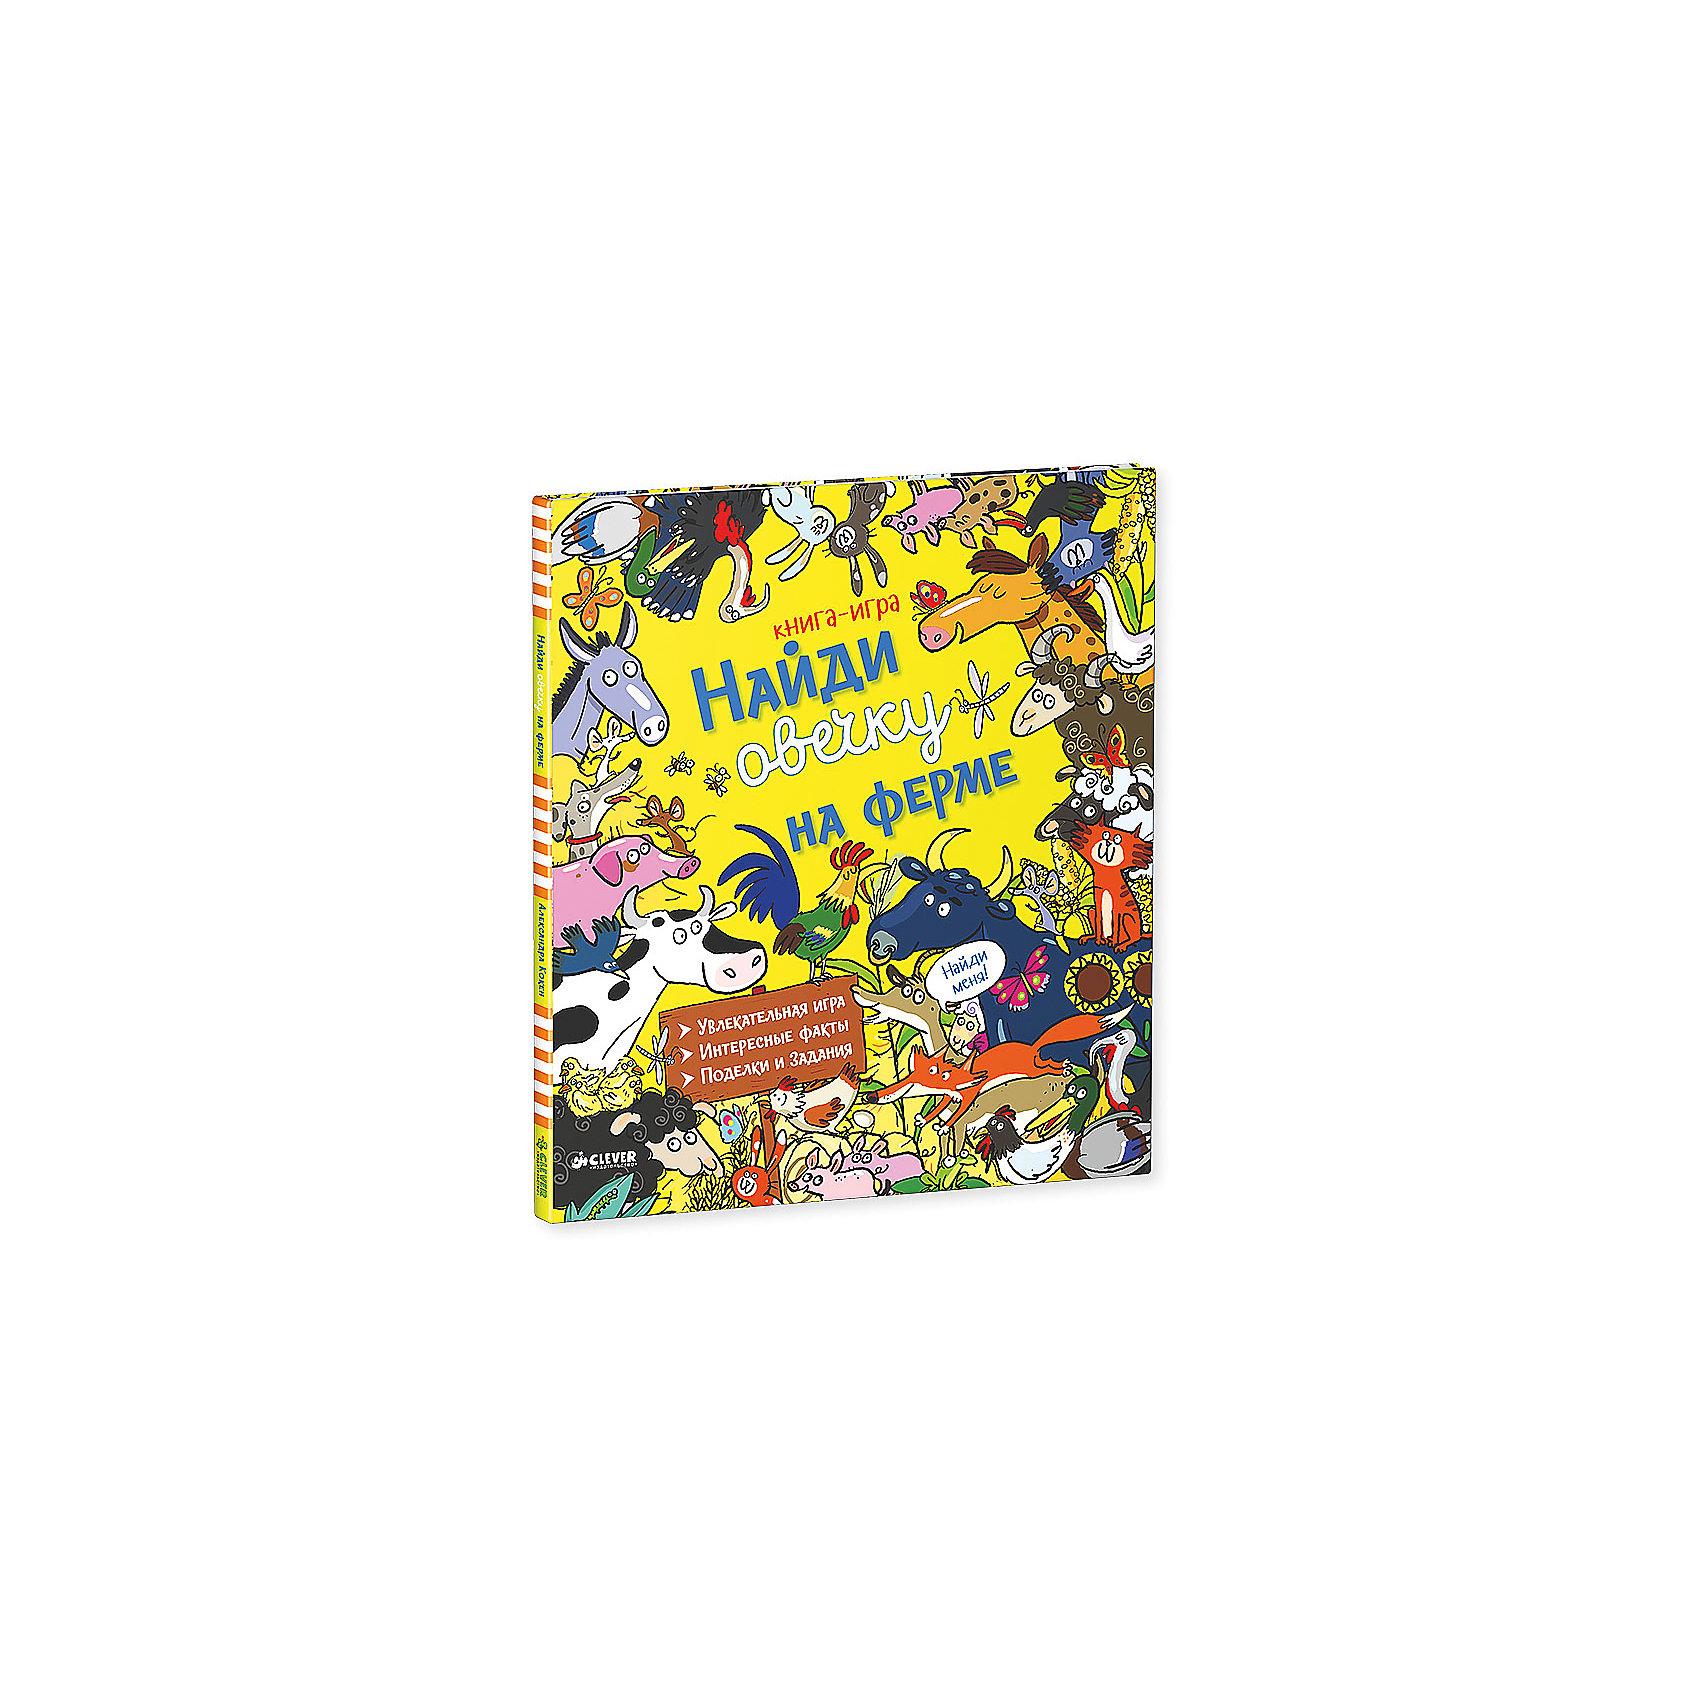 Найди овечку на фермеНайди овечку на ферме – книга, в которой ребенка ждут яркие иллюстрации, увлекательные факты и задания, предметы для поиска.<br>Книжка «Найди овечку на ферме» послужит прекрасным развивающим пособием и в игровой форме познакомит детей с жизнью на ферме. На каждом развороте - пять предметов для поиска, интересные факты и задания, а также сюрприз: овечка, которая прячется на каждой страничке книги. Тренируйте внимание, воображение, играйте в командные игры Кто быстрее найдет предмет вместе с детьми, читайте им увлекательные факты, например, почему свиньи валяются в грязи, сколько яиц несет курица в год, рацион коров и многое другое. Яркая обложка, удобный формат и качественная полиграфия сделают эту книгу лучшим подарком для любимых непосед!<br><br>Дополнительная информация:<br><br>- Возраст: от 2 до 5 лет<br>- Авторы: Александра Кокен<br>- Иллюстраторы: Жоэль Дрейдеми, Майк Гартон<br>- Переводчик: Татьяна Покидаева<br>- Издательство: Клевер Медиа Групп<br>- Серия: Найди и покажи<br>- Тип обложки: 7Б - твердая (плотная бумага или картон)<br>- Оформление: частичная лакировка<br>- Количество страниц: 24 (мелованная)<br>- Иллюстрации: цветные<br>- Размер: 260x237x7 мм.<br>- Вес: 332 гр.<br><br>Книгу «Найди овечку на ферме» можно купить в нашем интернет-магазине.<br><br>Ширина мм: 230<br>Глубина мм: 250<br>Высота мм: 10<br>Вес г: 300<br>Возраст от месяцев: 0<br>Возраст до месяцев: 36<br>Пол: Унисекс<br>Возраст: Детский<br>SKU: 4419604